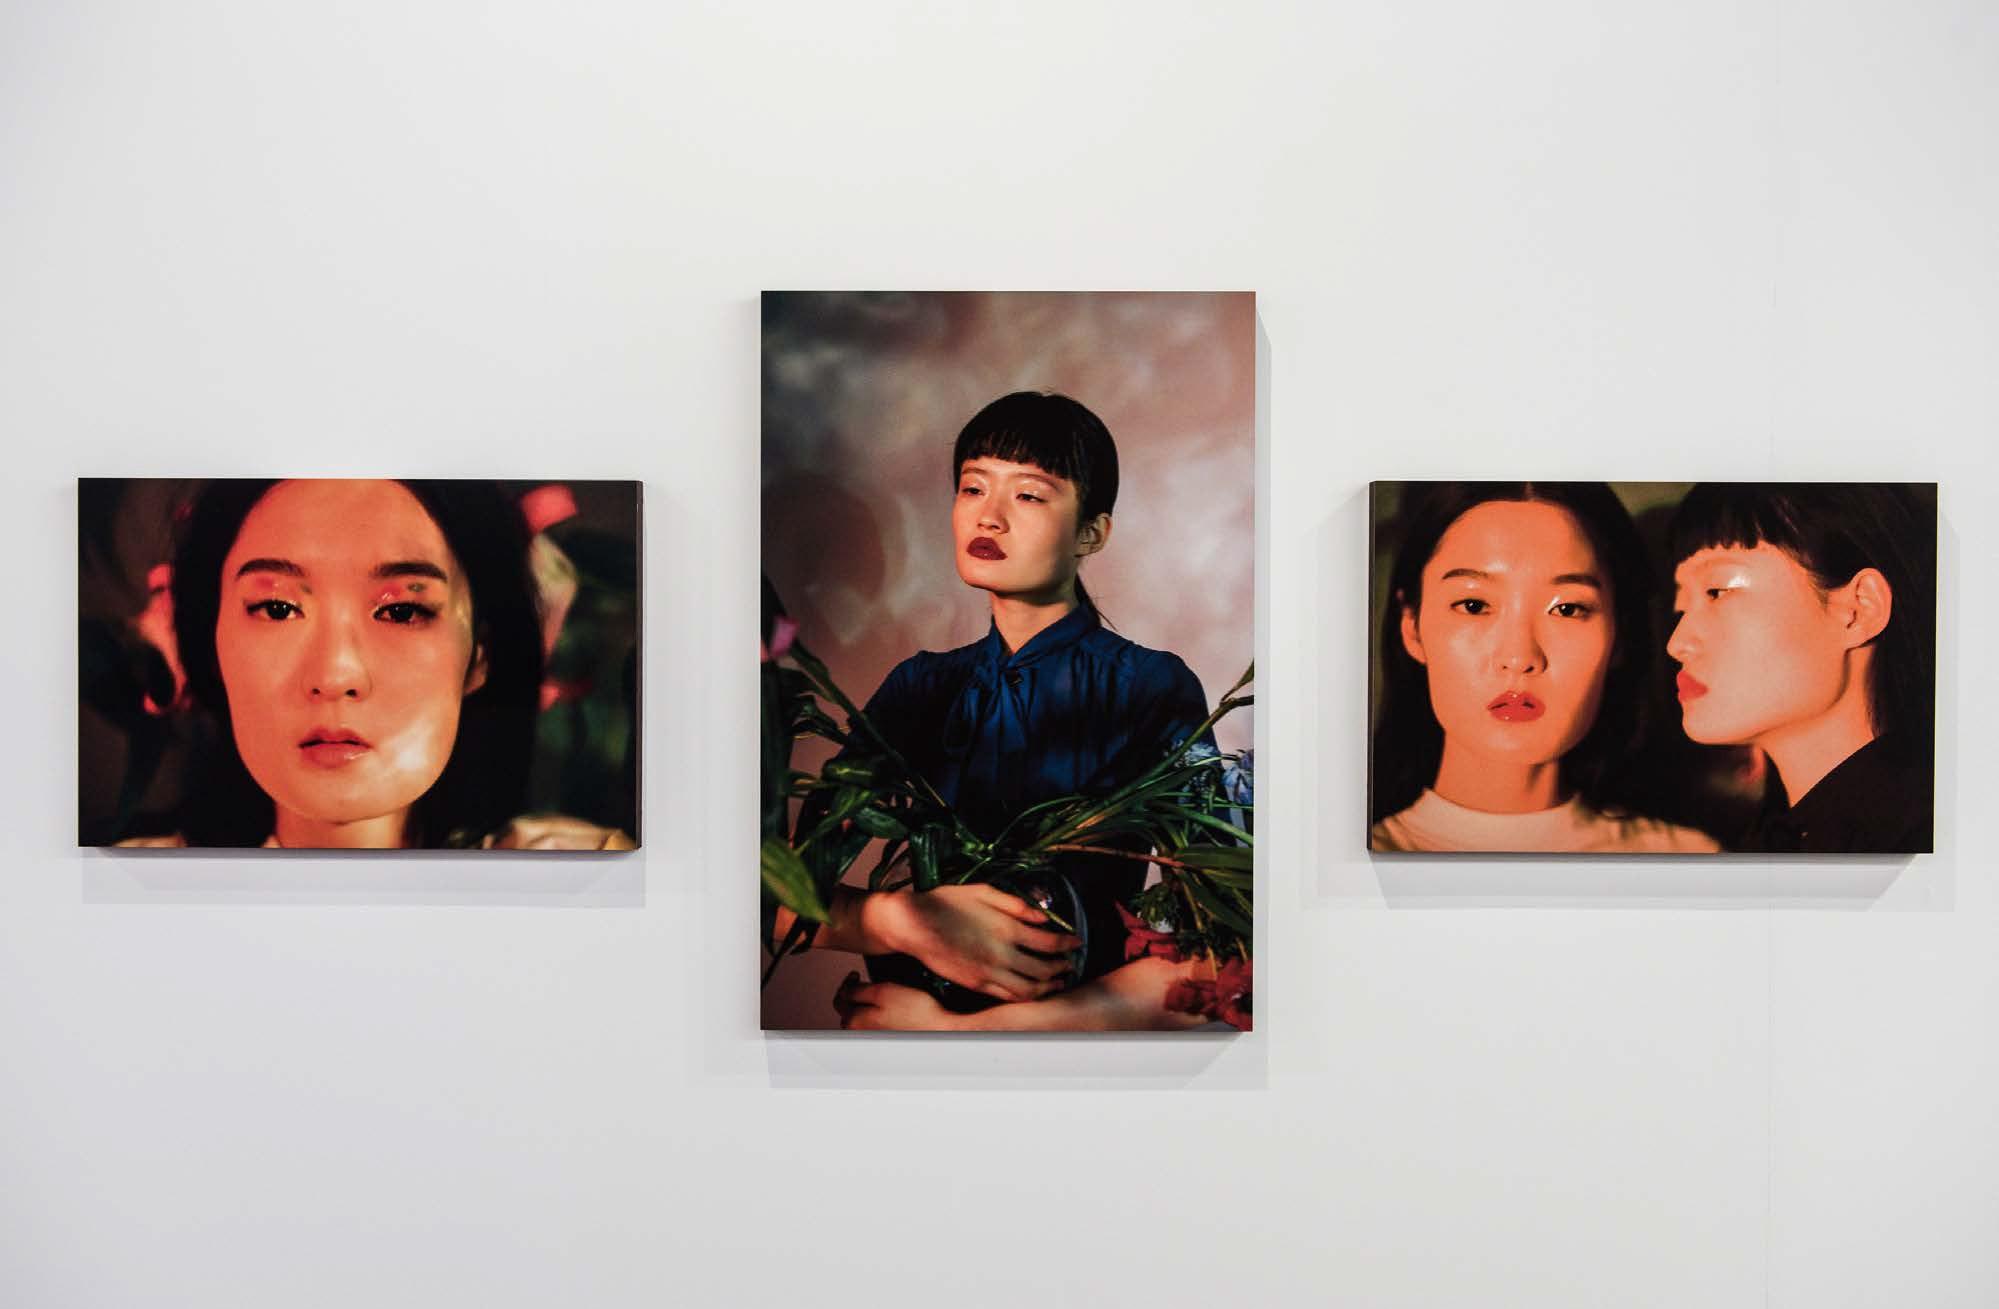 ユンギョン・チャン